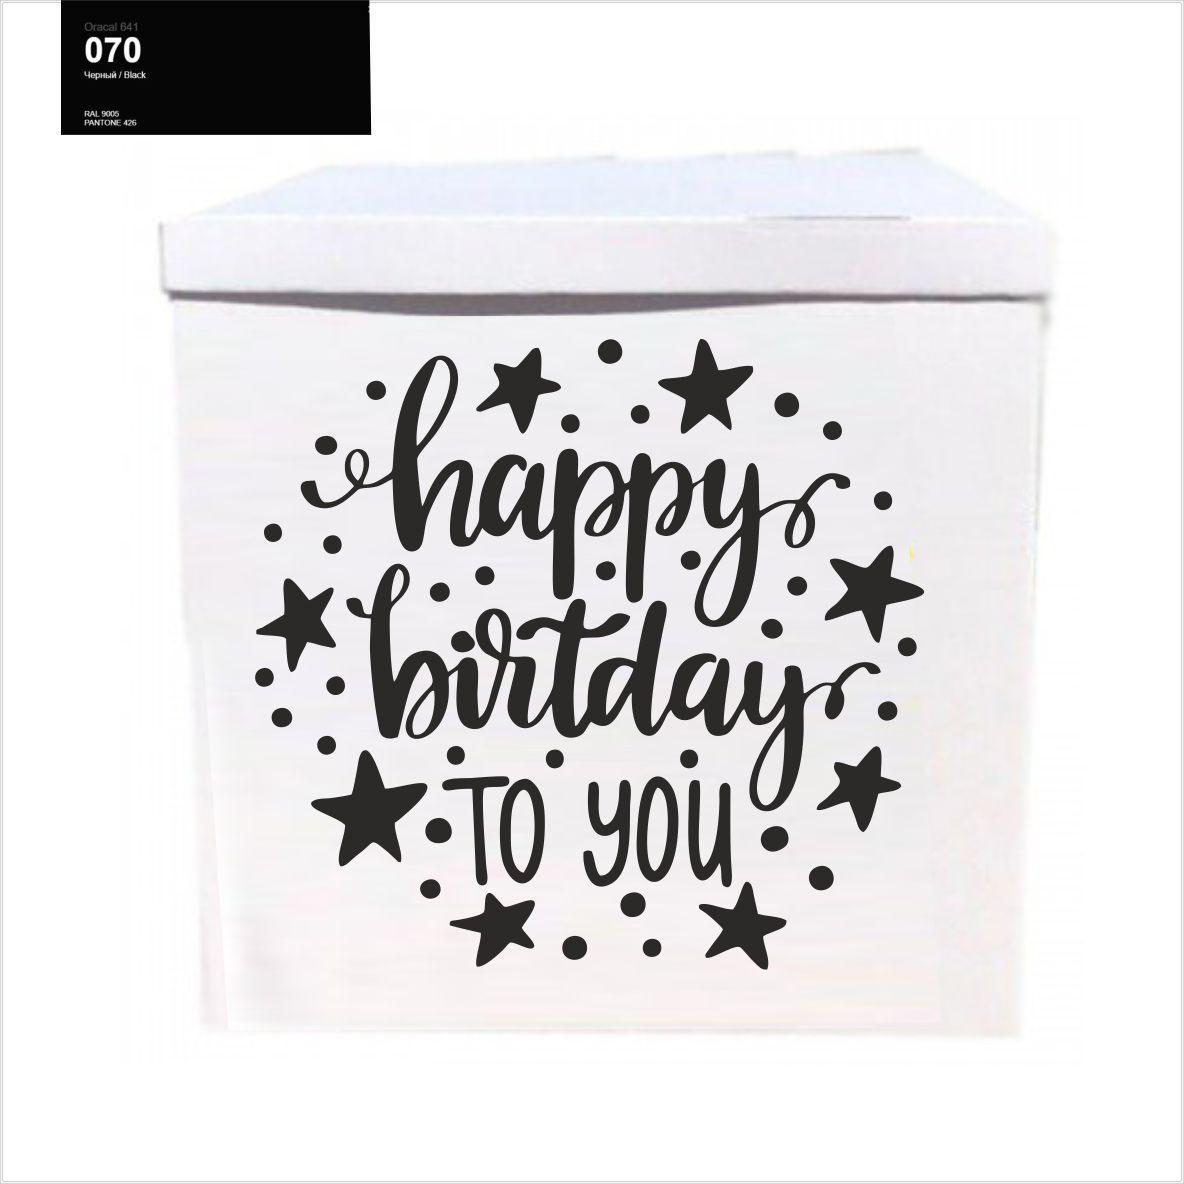 Оракал Happy Birthday to you чорний на коробку розміром 70*70см